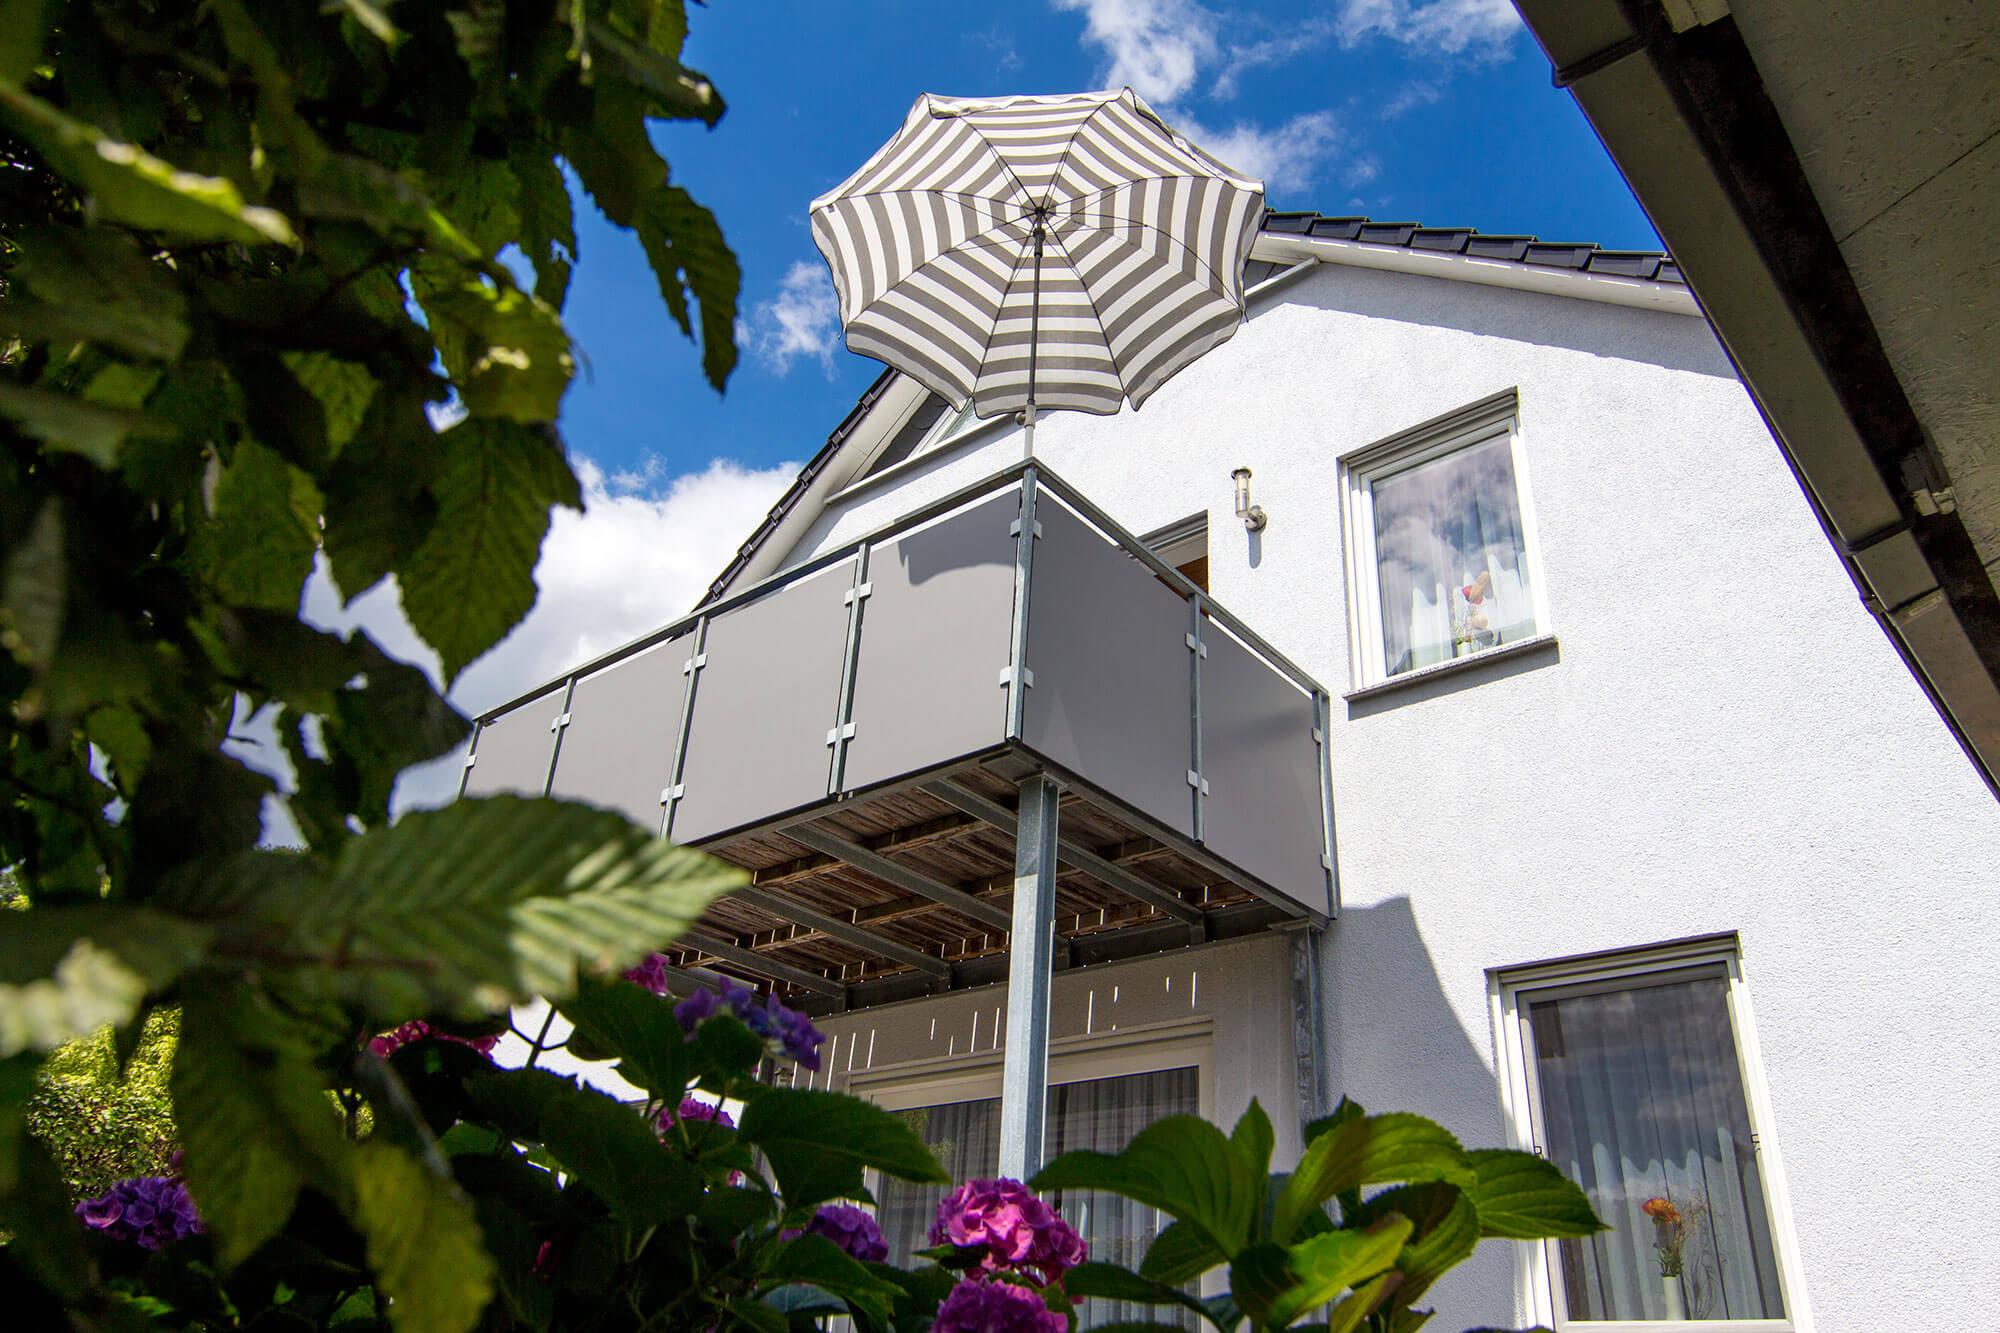 In der Ferienwohnung Haus Stephanie genießen Sie sonnige Tage auf der begrünten Terrasse oder auf dem Balkon mit Aussicht auf Hann. Münden.